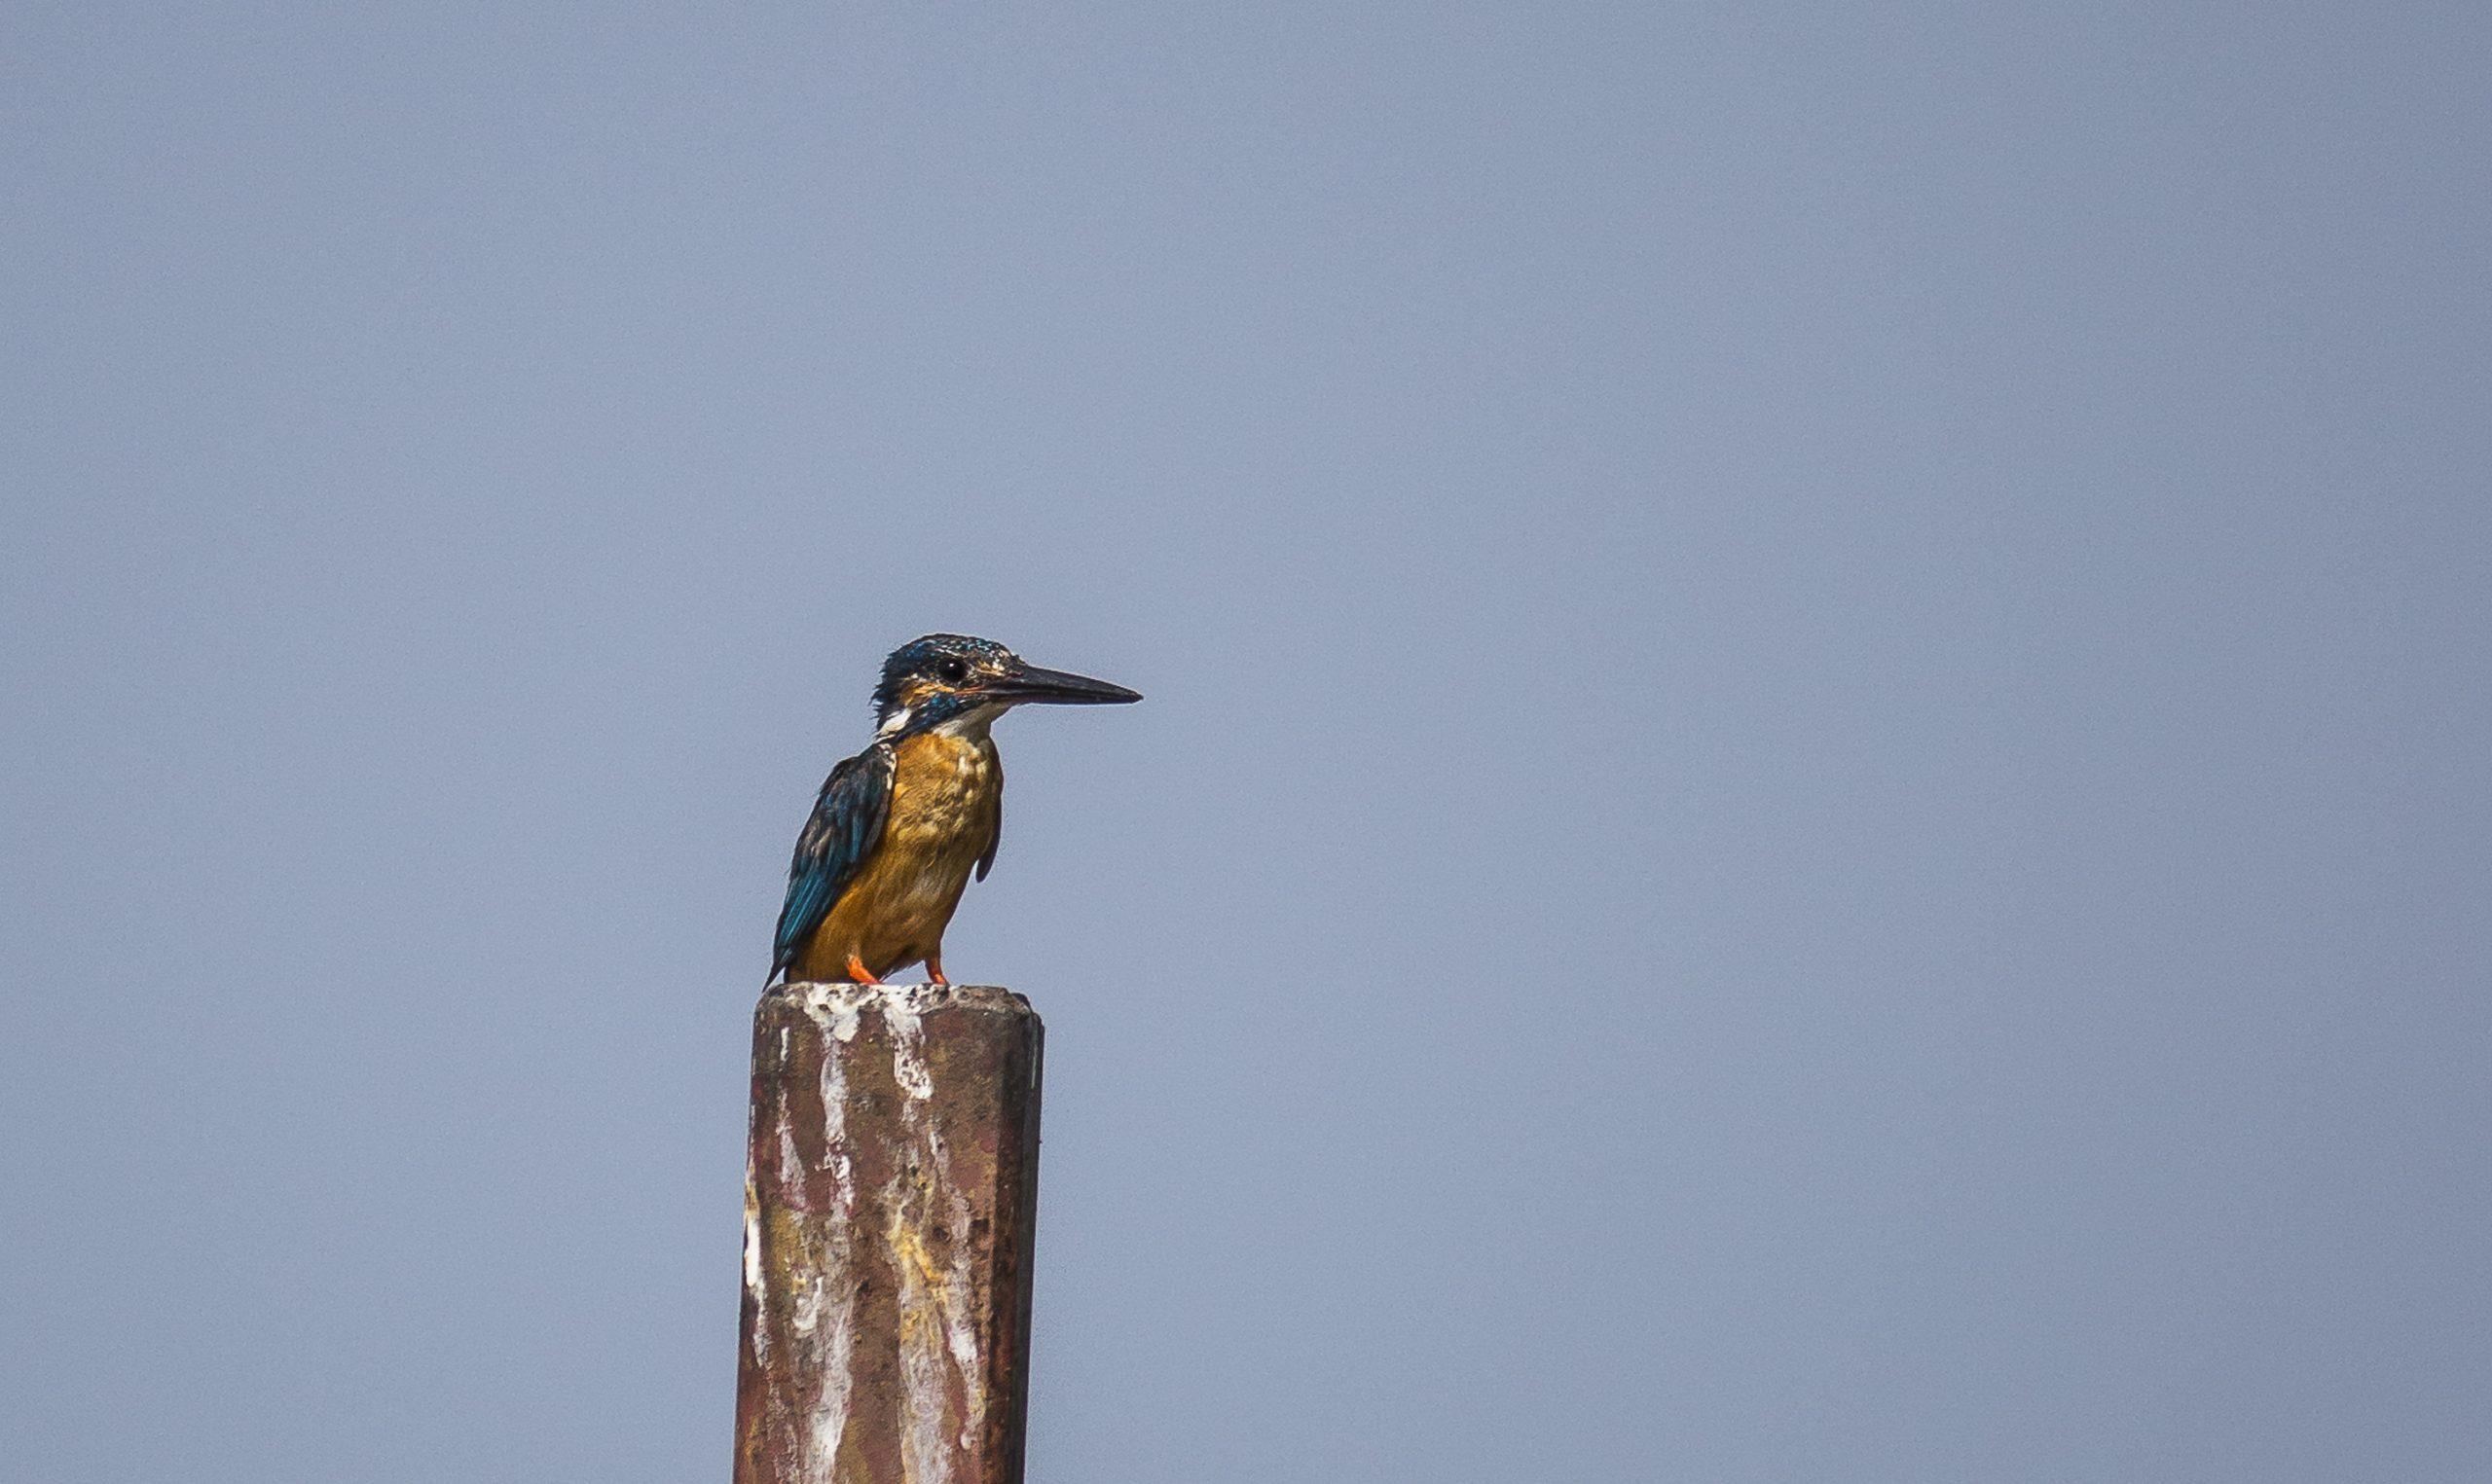 A kingfisher on a pole